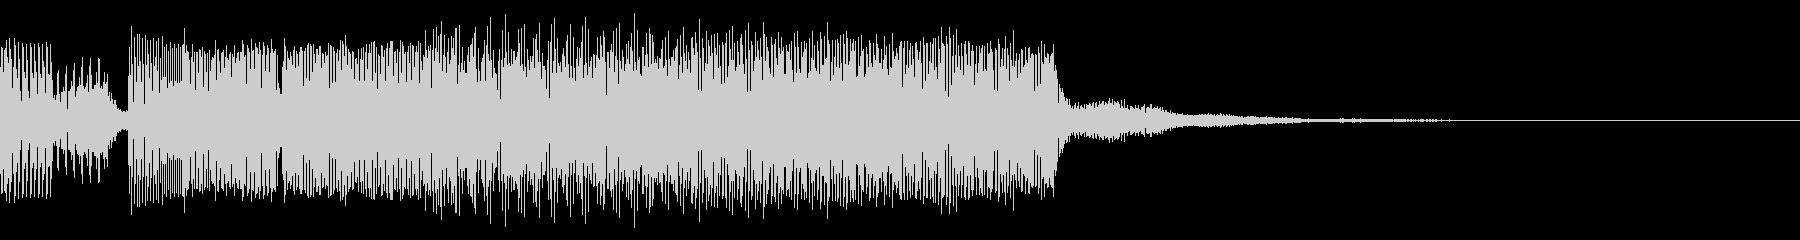 8bit系 勇壮なゲームオーバー音の未再生の波形